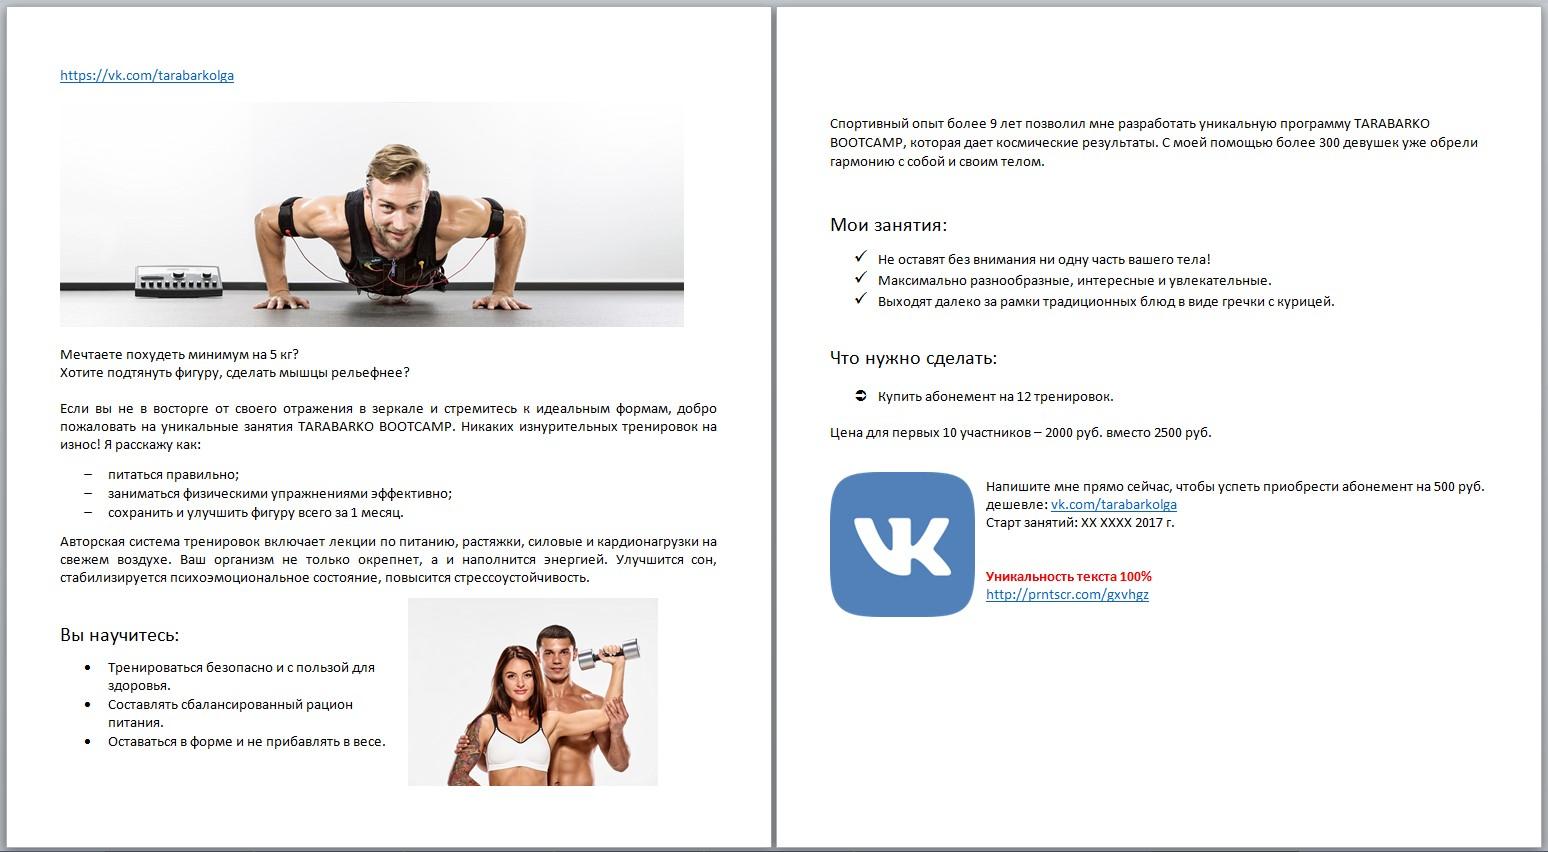 Продающий пост ВКонтакте - тренировки